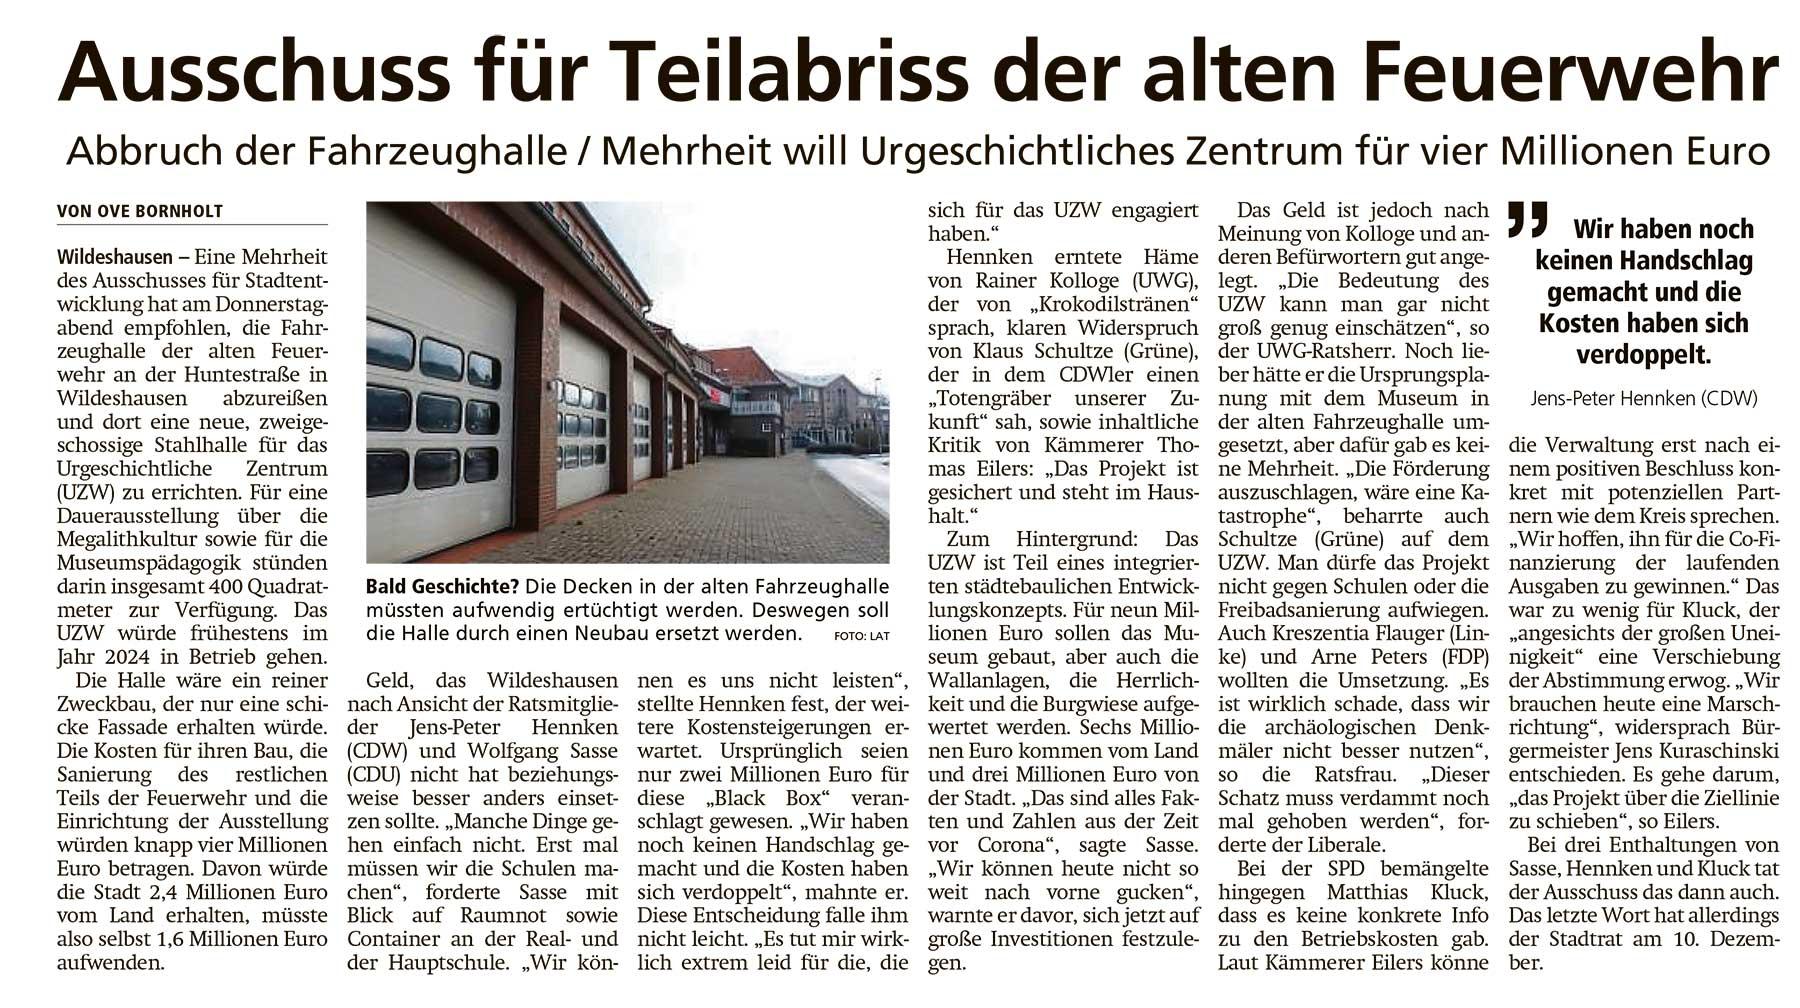 Ausschuss für Teilabriss der alten FeuerwehrAbbruch der Fahrzeughalle / Mehrheit will Urgeschichtliches Zentrum für vier Millionen EuroArtikel vom 21.11.2020 (WZ)